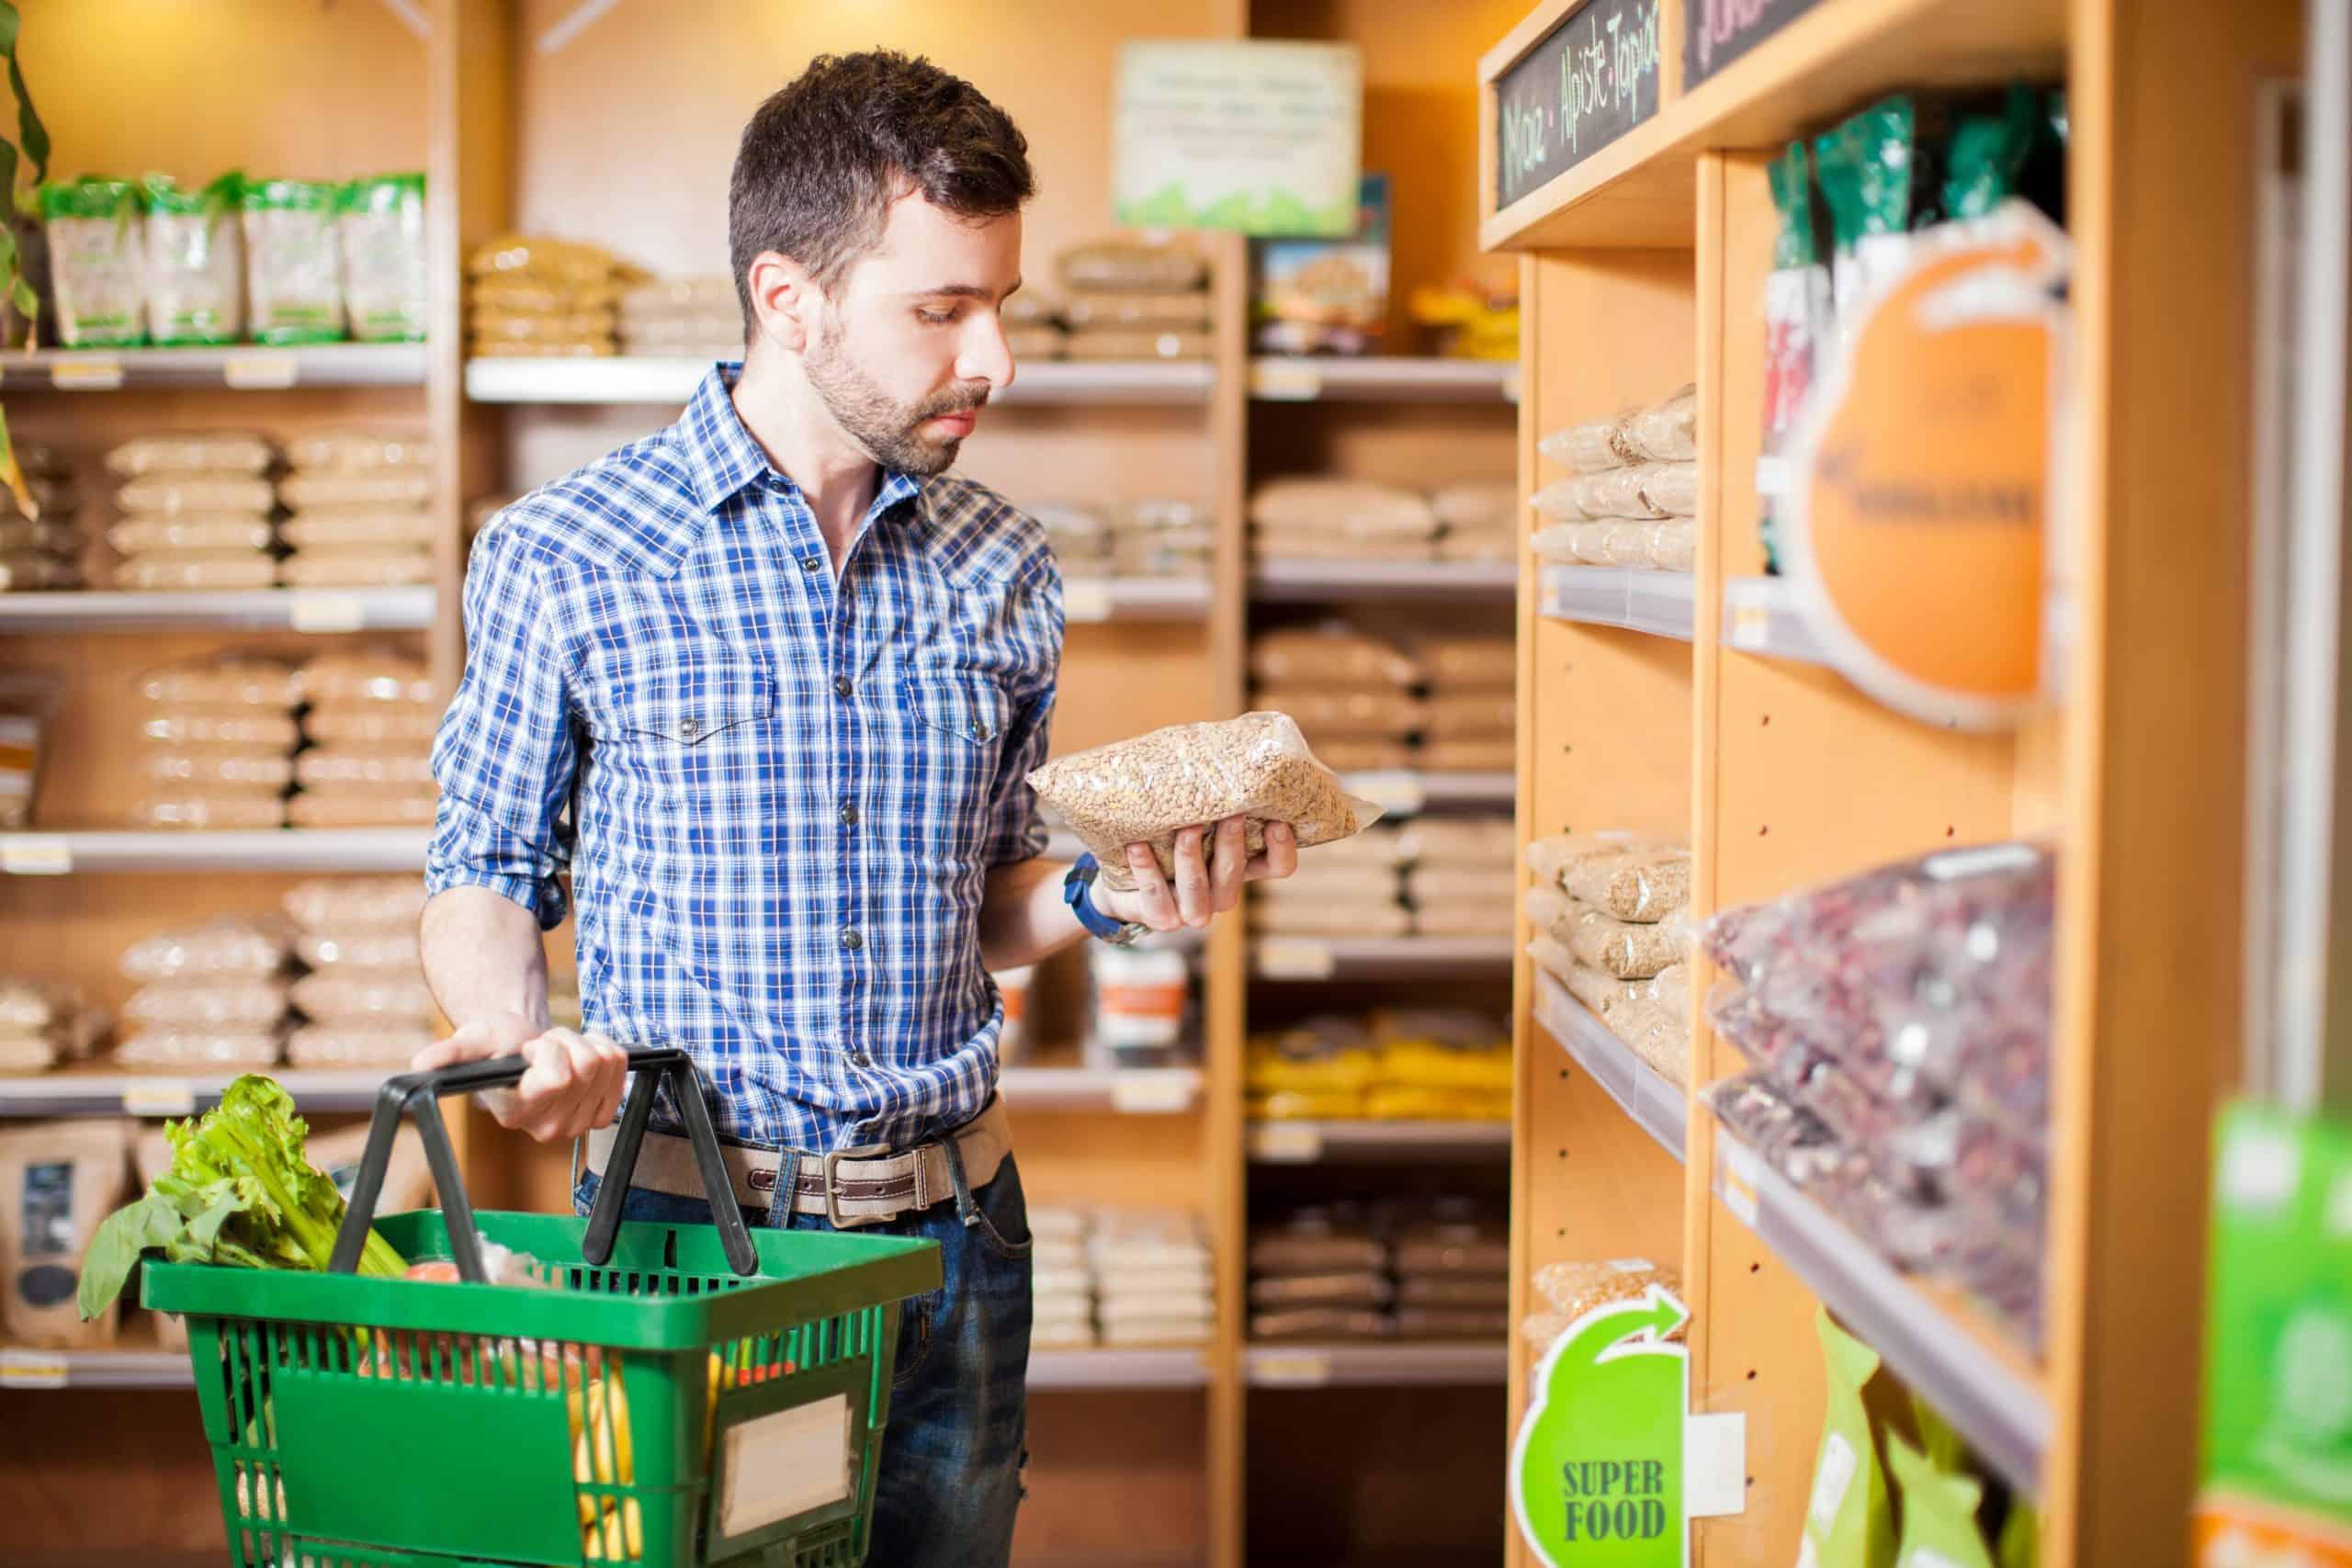 USDA Organic Labeling